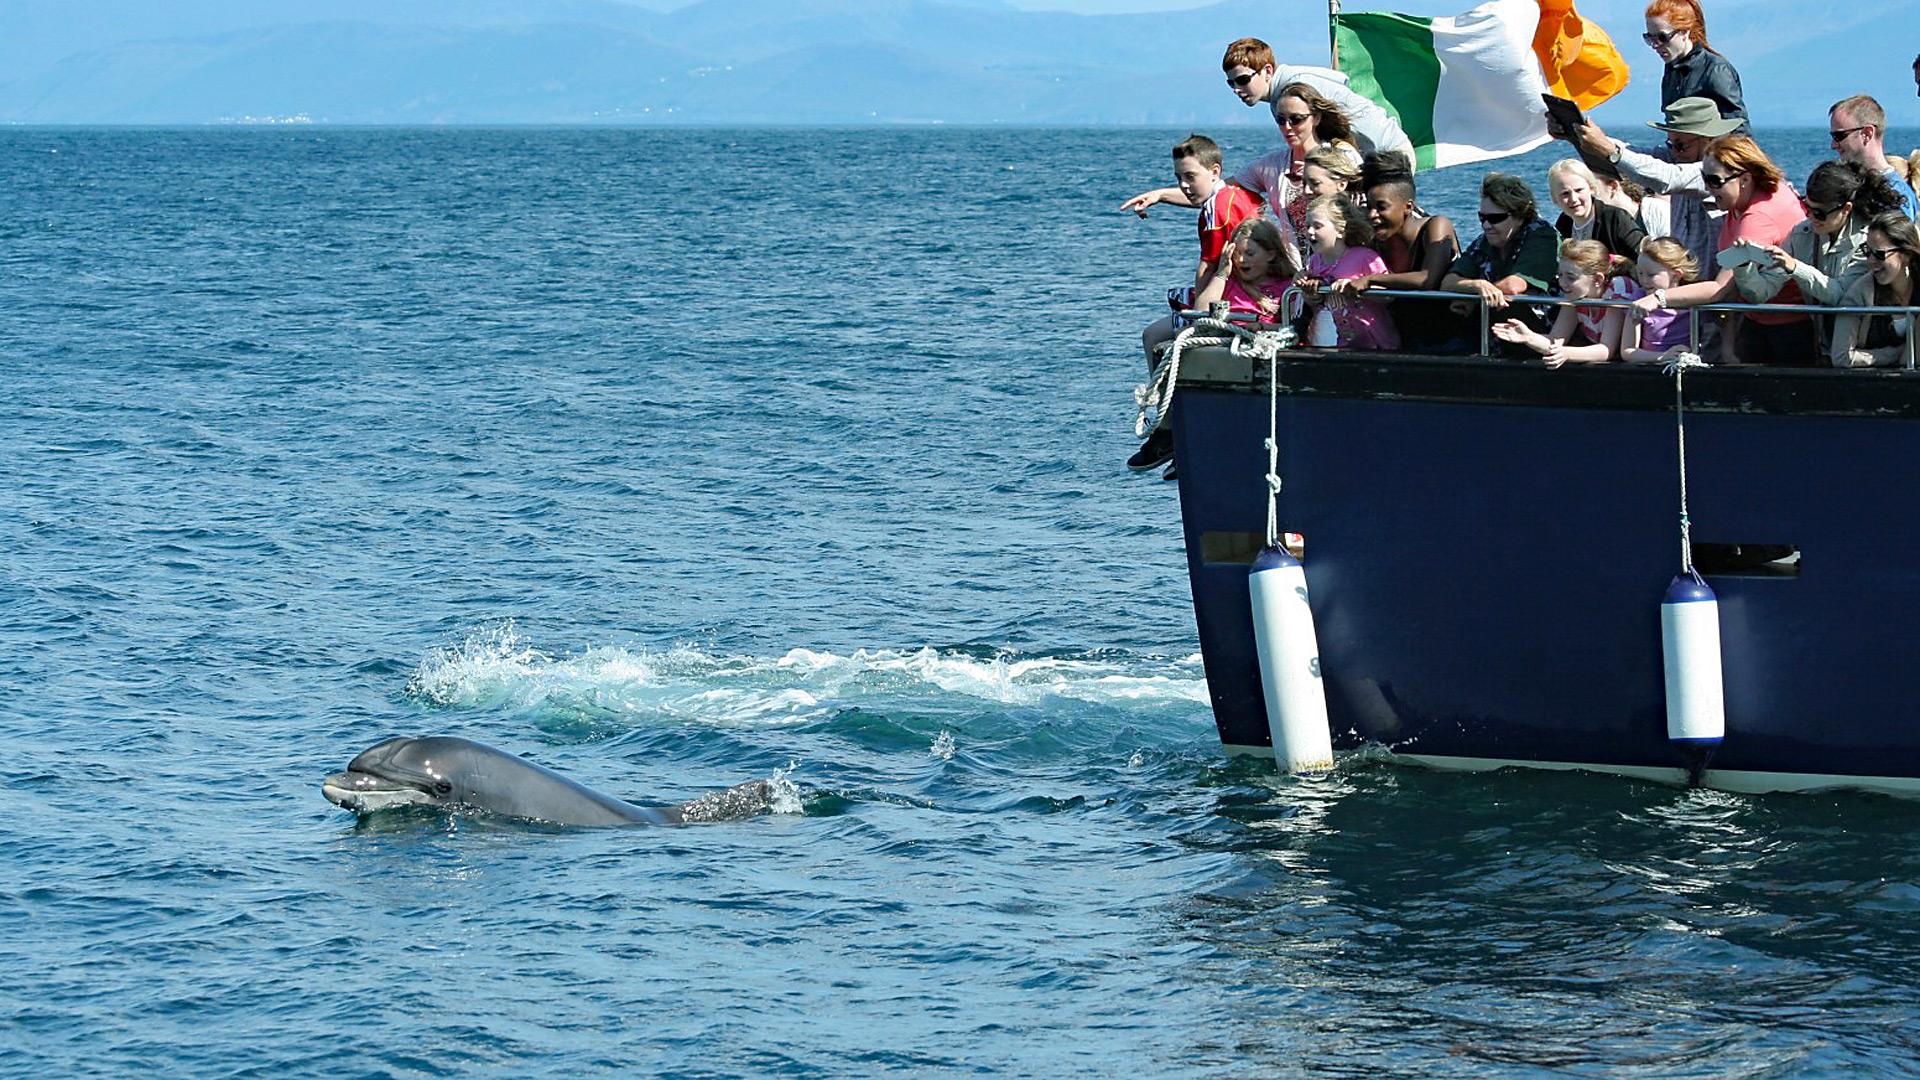 """Delfin """"Fungie"""" schwimmt munter voran, gefolgt von einem Ausflugsboot."""